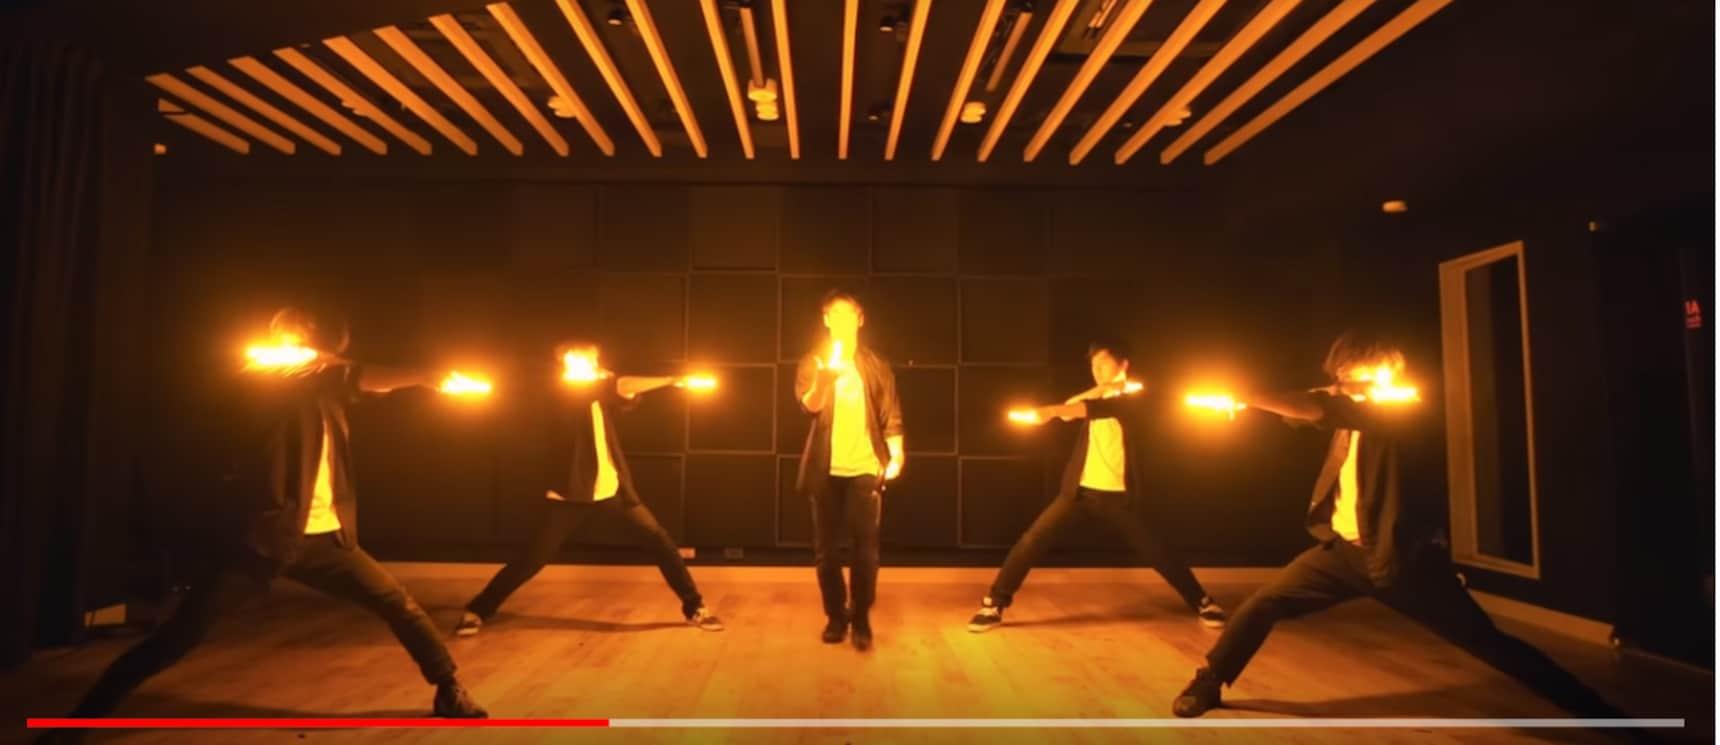 '오타게이'로 밝히는 어둠!